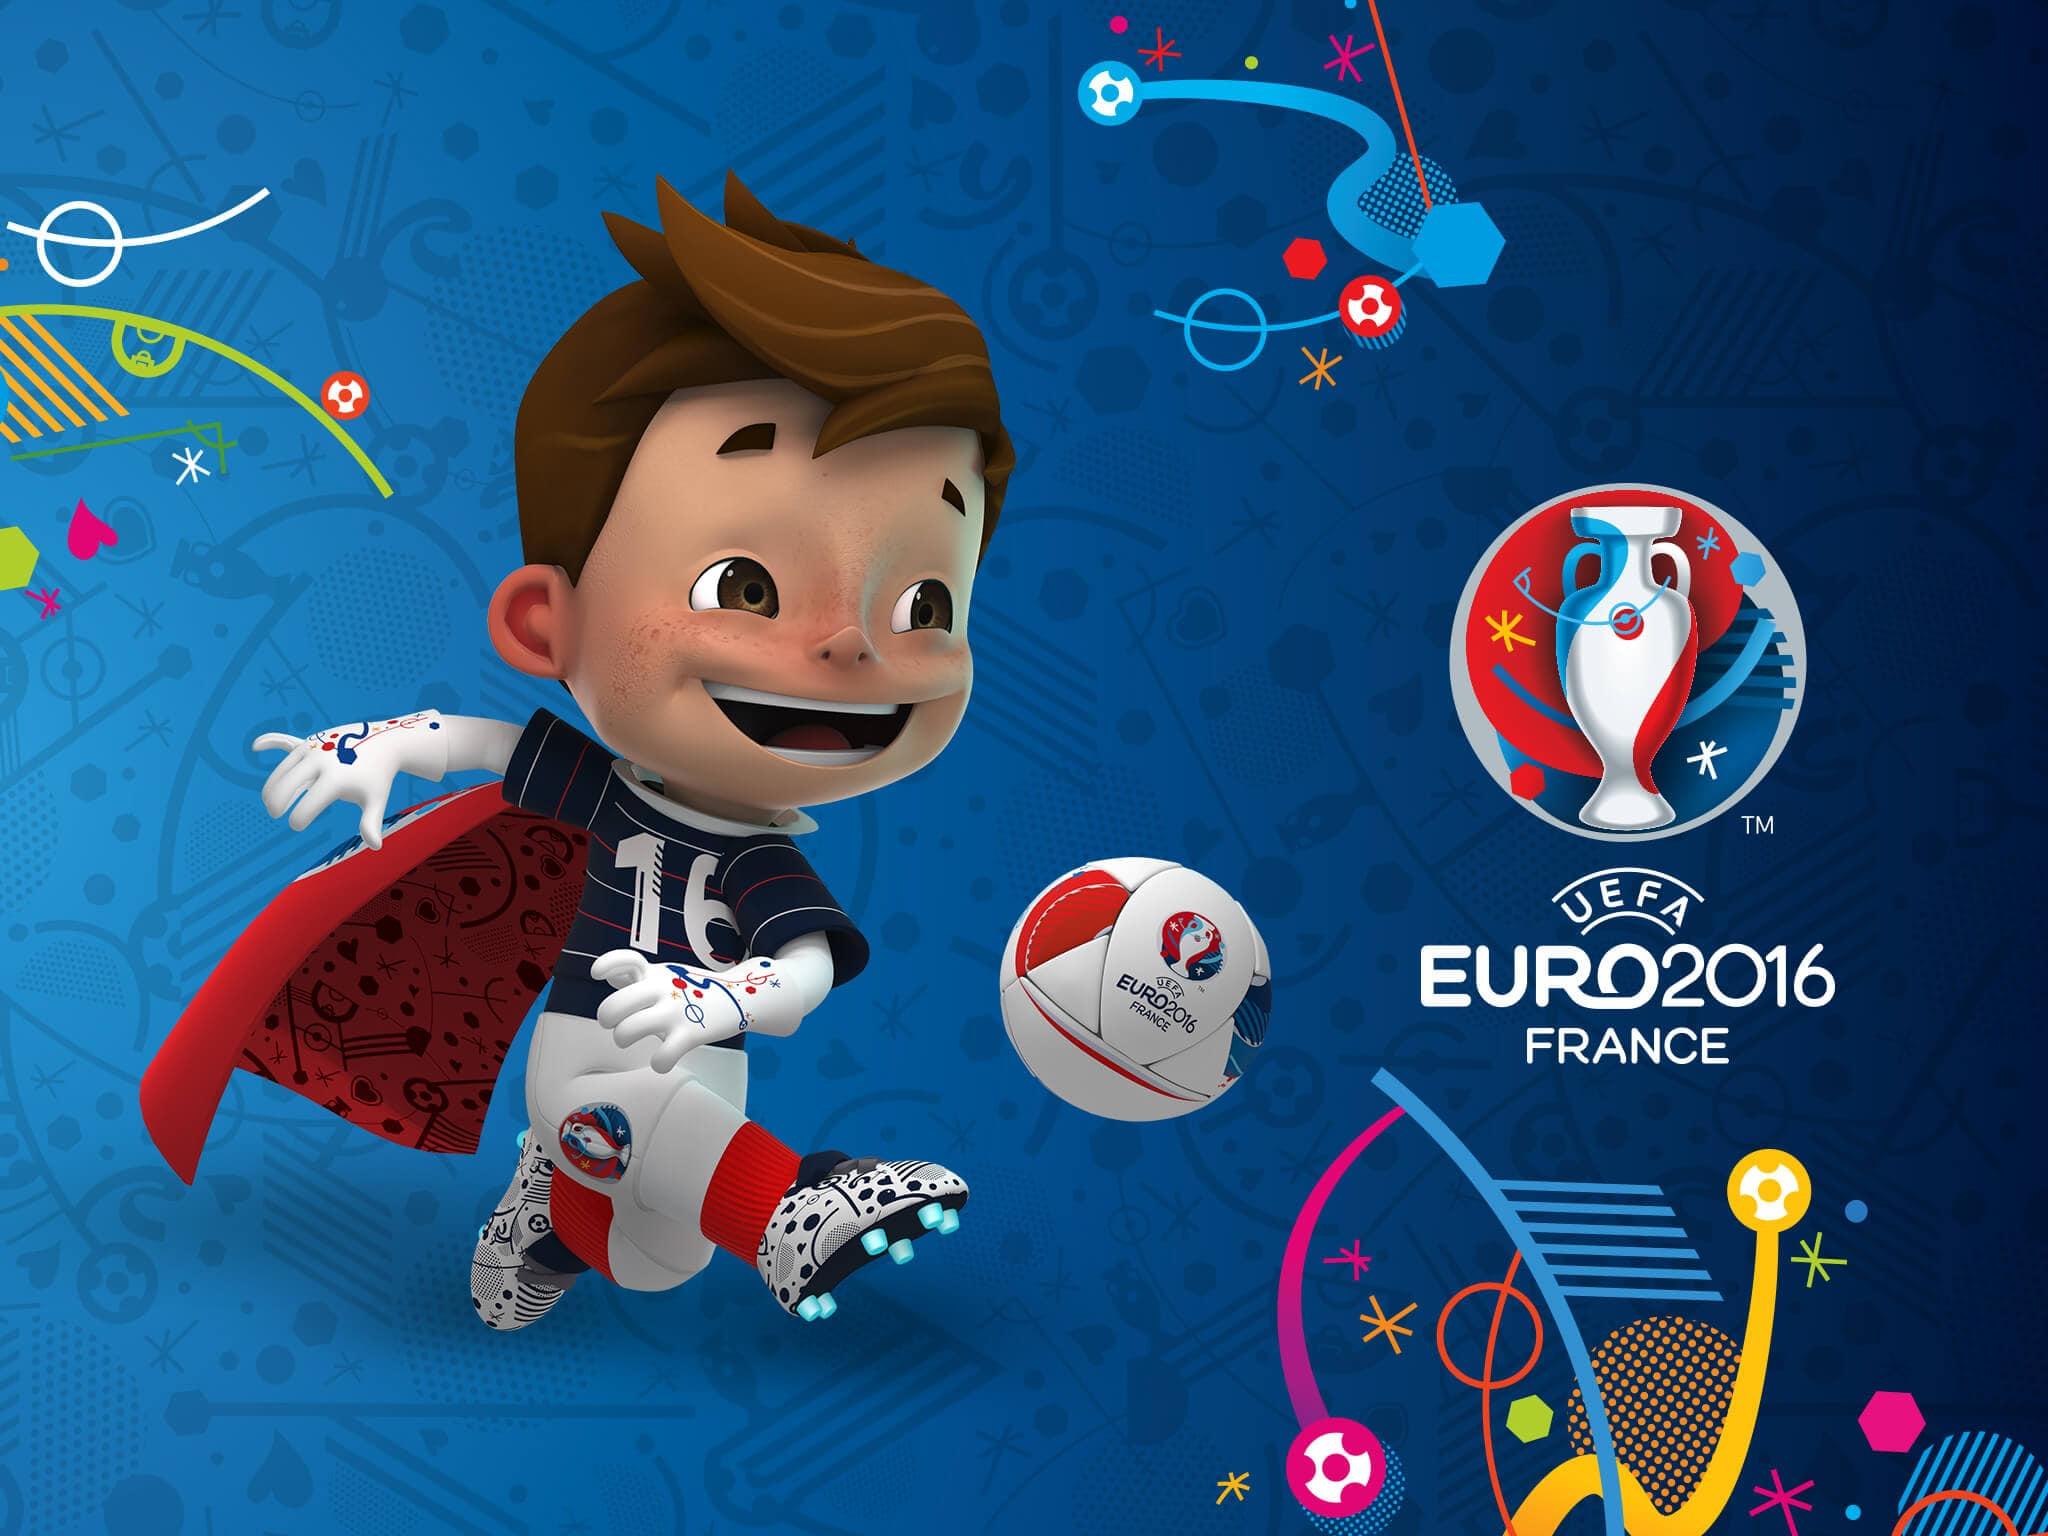 L'Euro 2016 c'est pour très bientôt, il faut s'équiper !